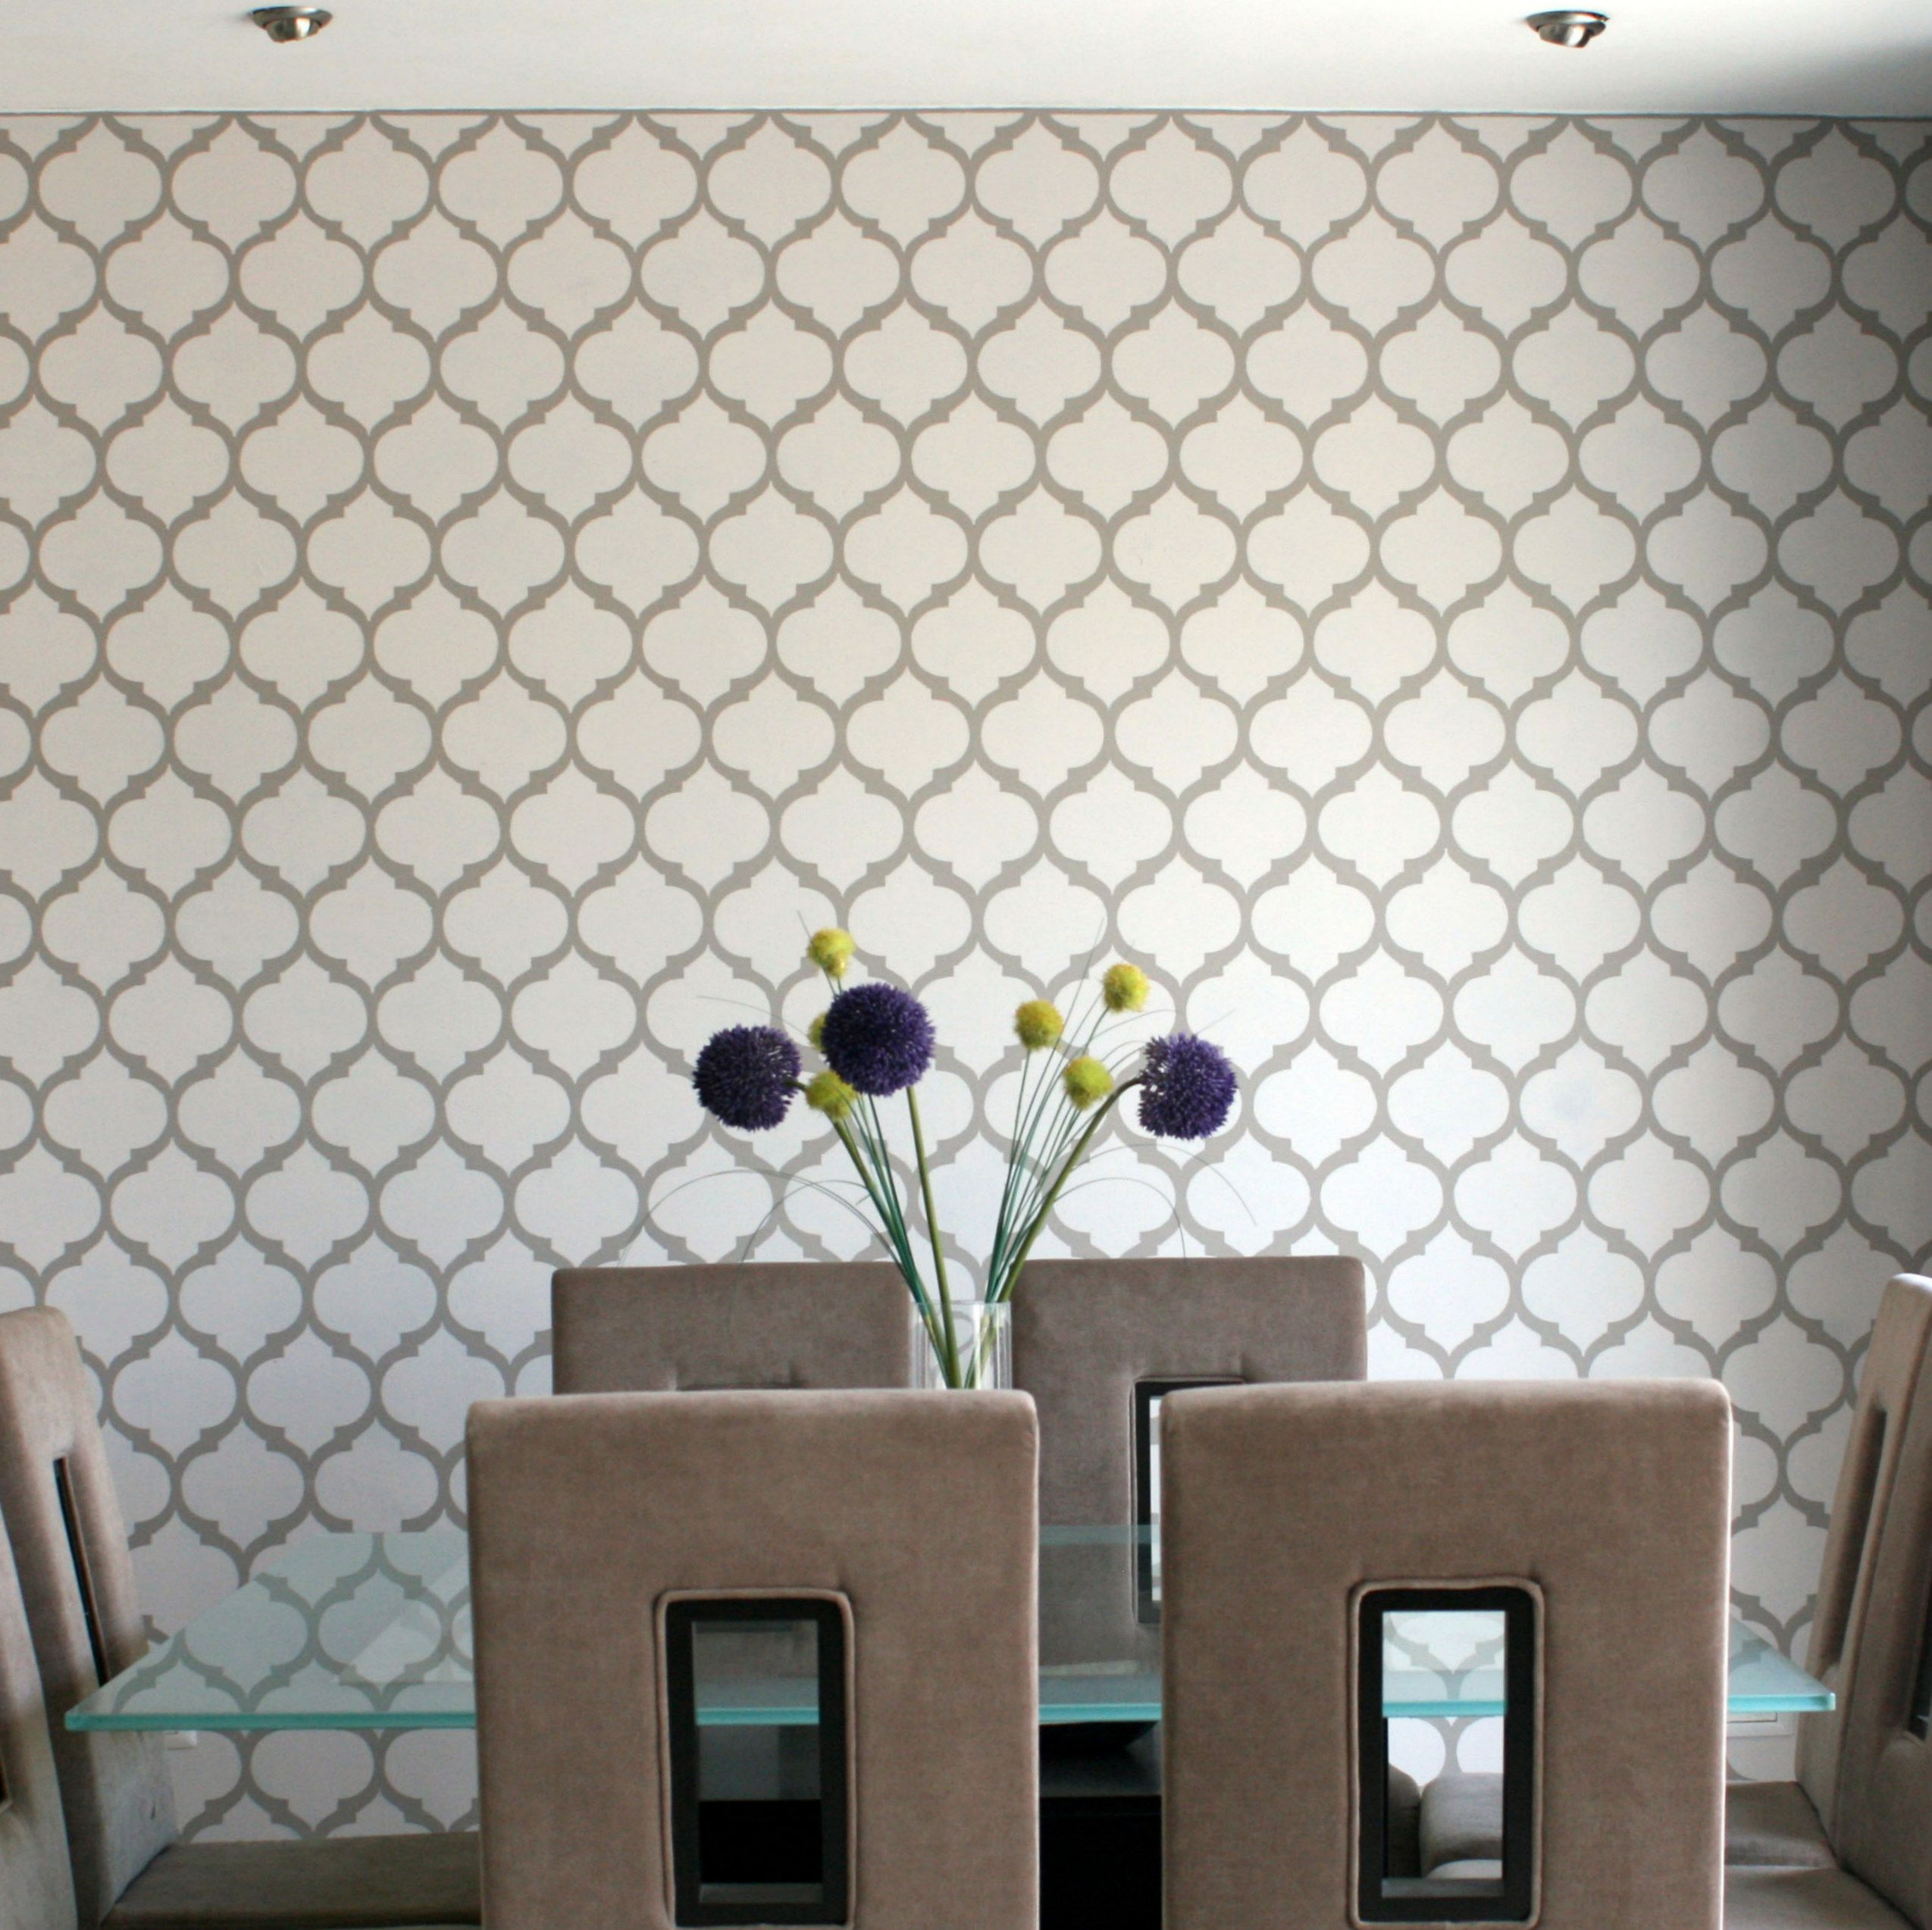 Plantilla decorativa para el dise o de interiores y pintar - Papel de pared para pintar ...